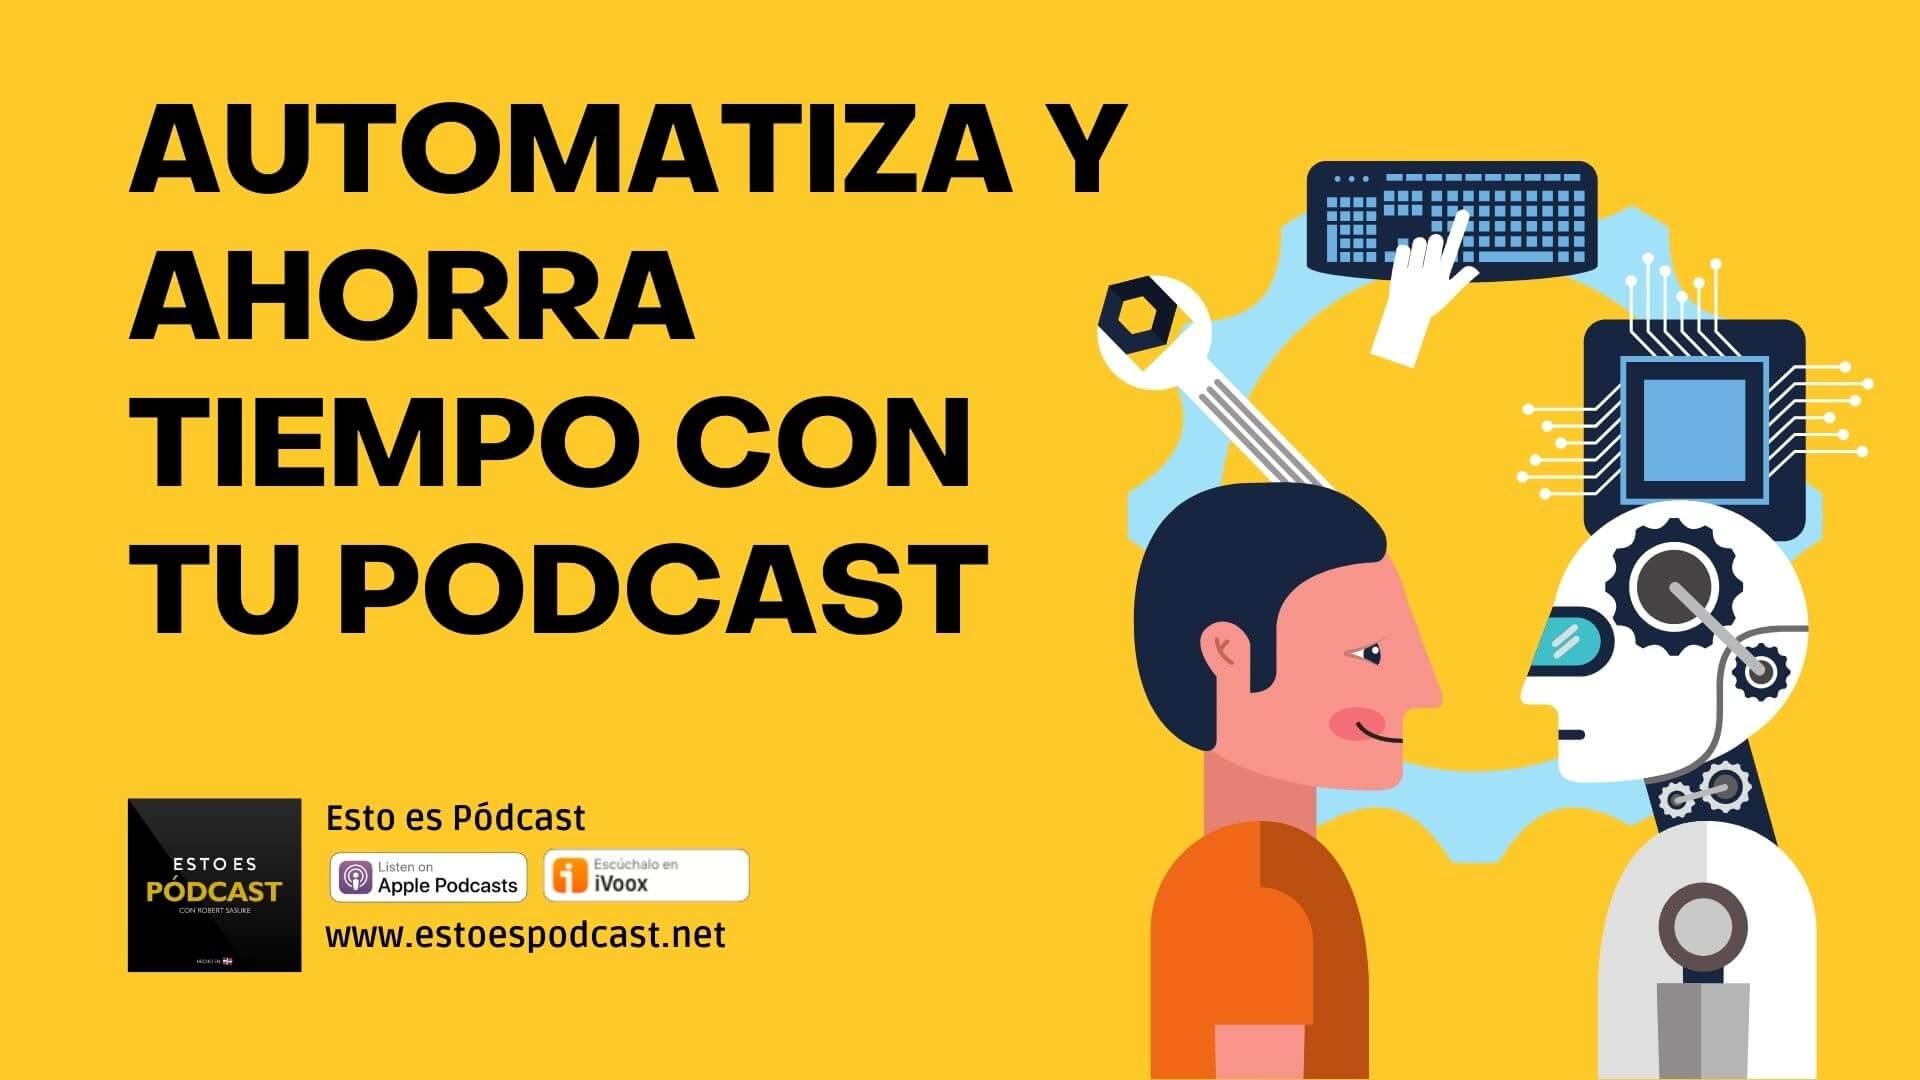 Automatizaciones para producir y publicar tu podcast de manera ágil